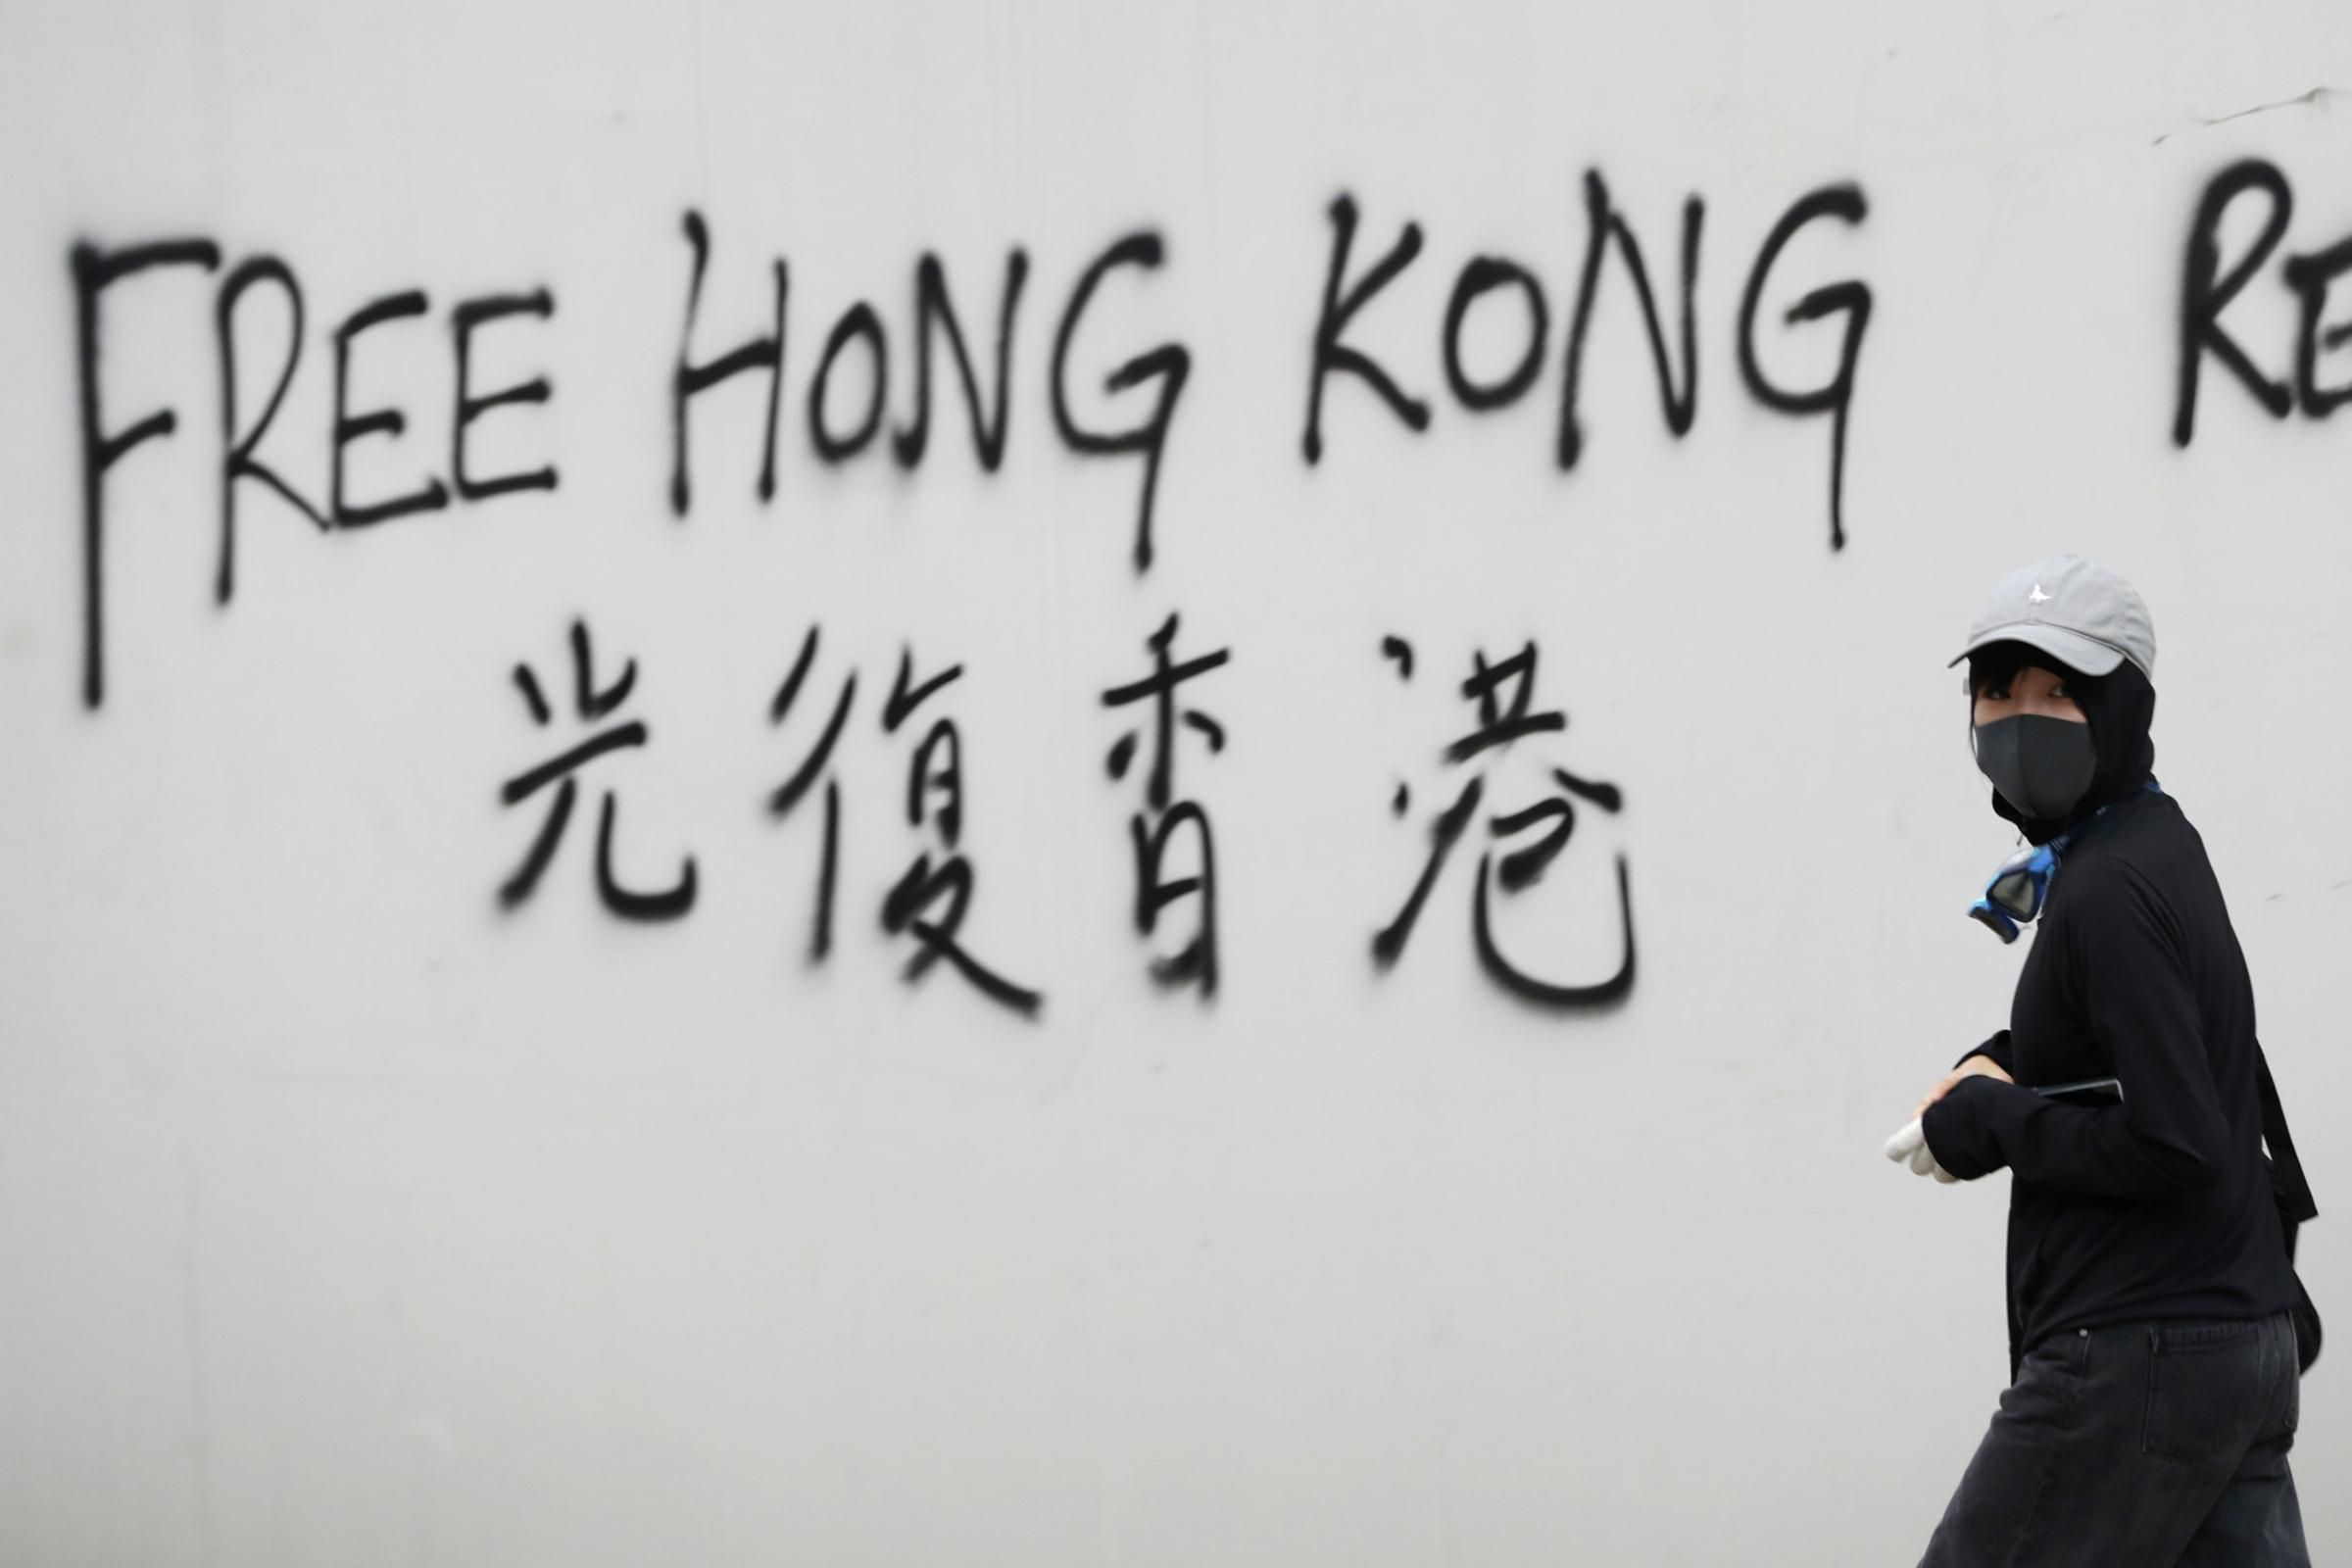 K-pop stars back Beijing regime over Hong Kong protests